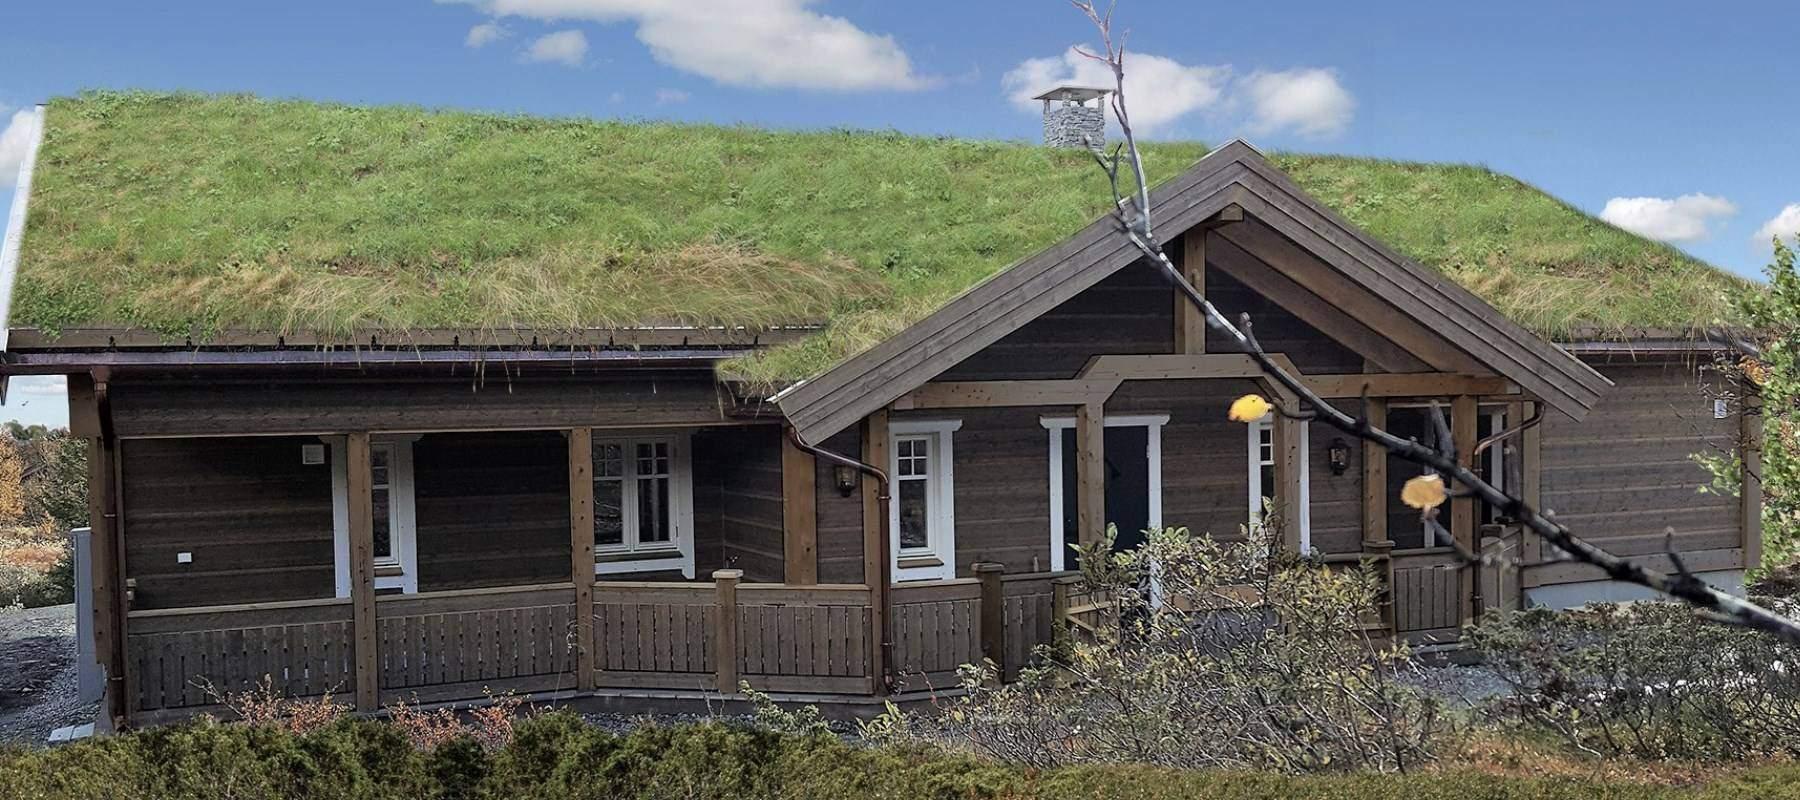 90 Hytteleverandor – Tiurtoppen Hytter Inspirasjon hytte pa Gålå